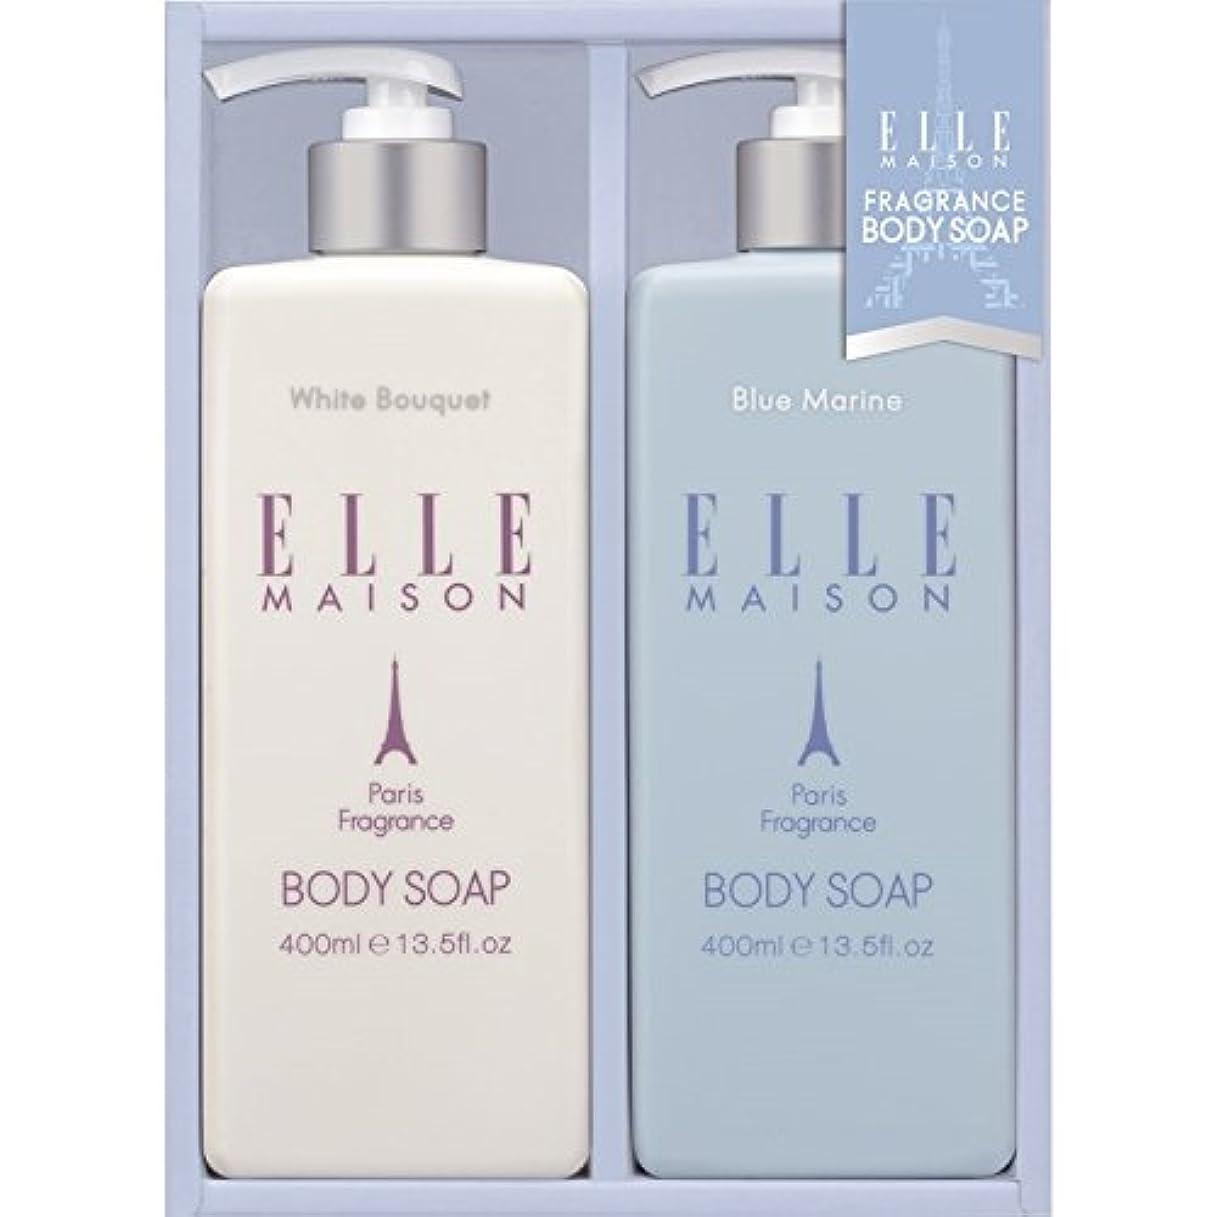 割り当てますスキム活発ELLE MAISON ボディソープギフト EBS-10 【保湿 いい匂い うるおい 液体 しっとり 良い香り やさしい 女性 贅沢 全身 美肌 詰め合わせ お風呂 バスタイム 洗う 美容】